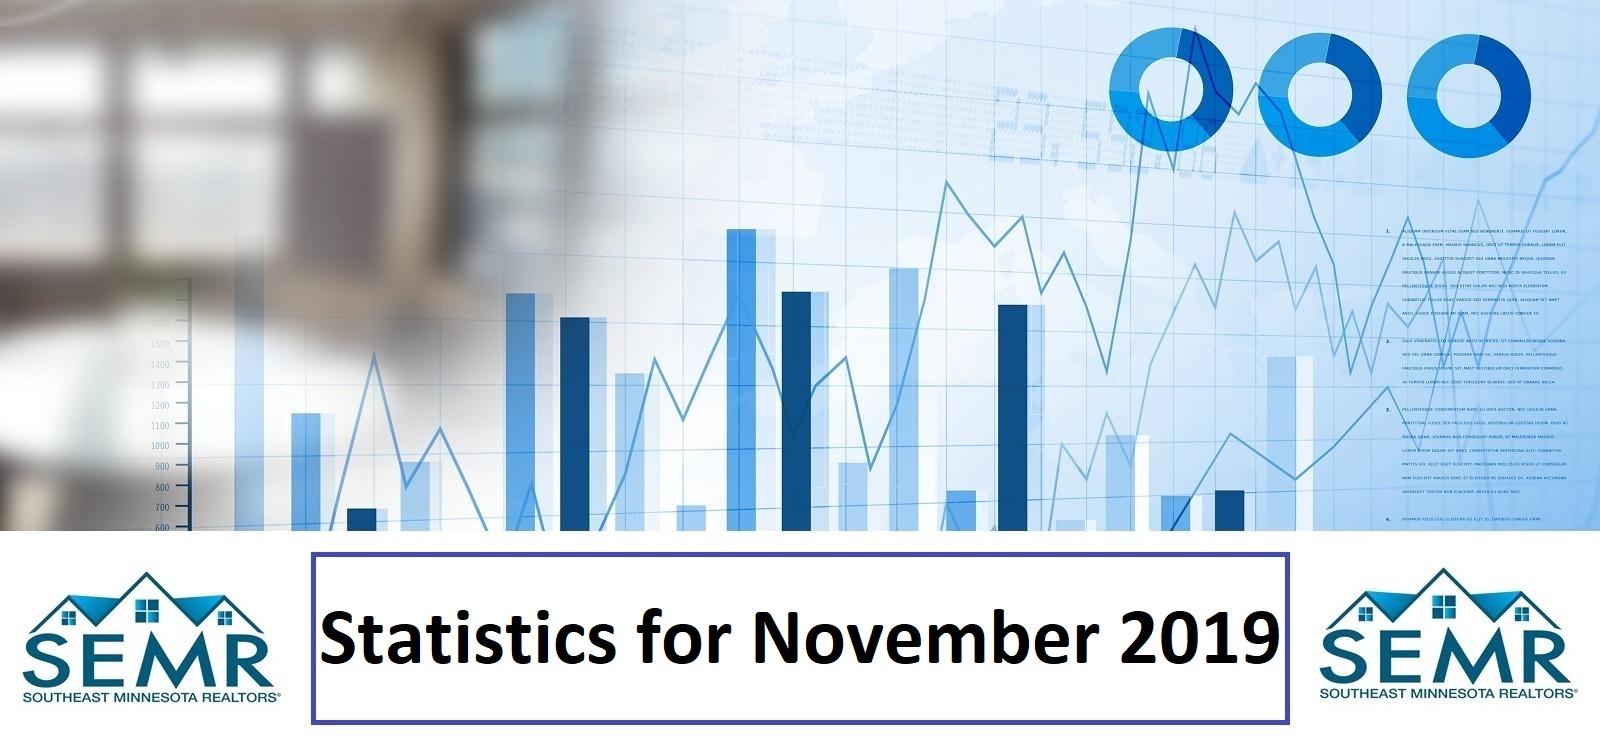 SEMR Statistics for November 2019